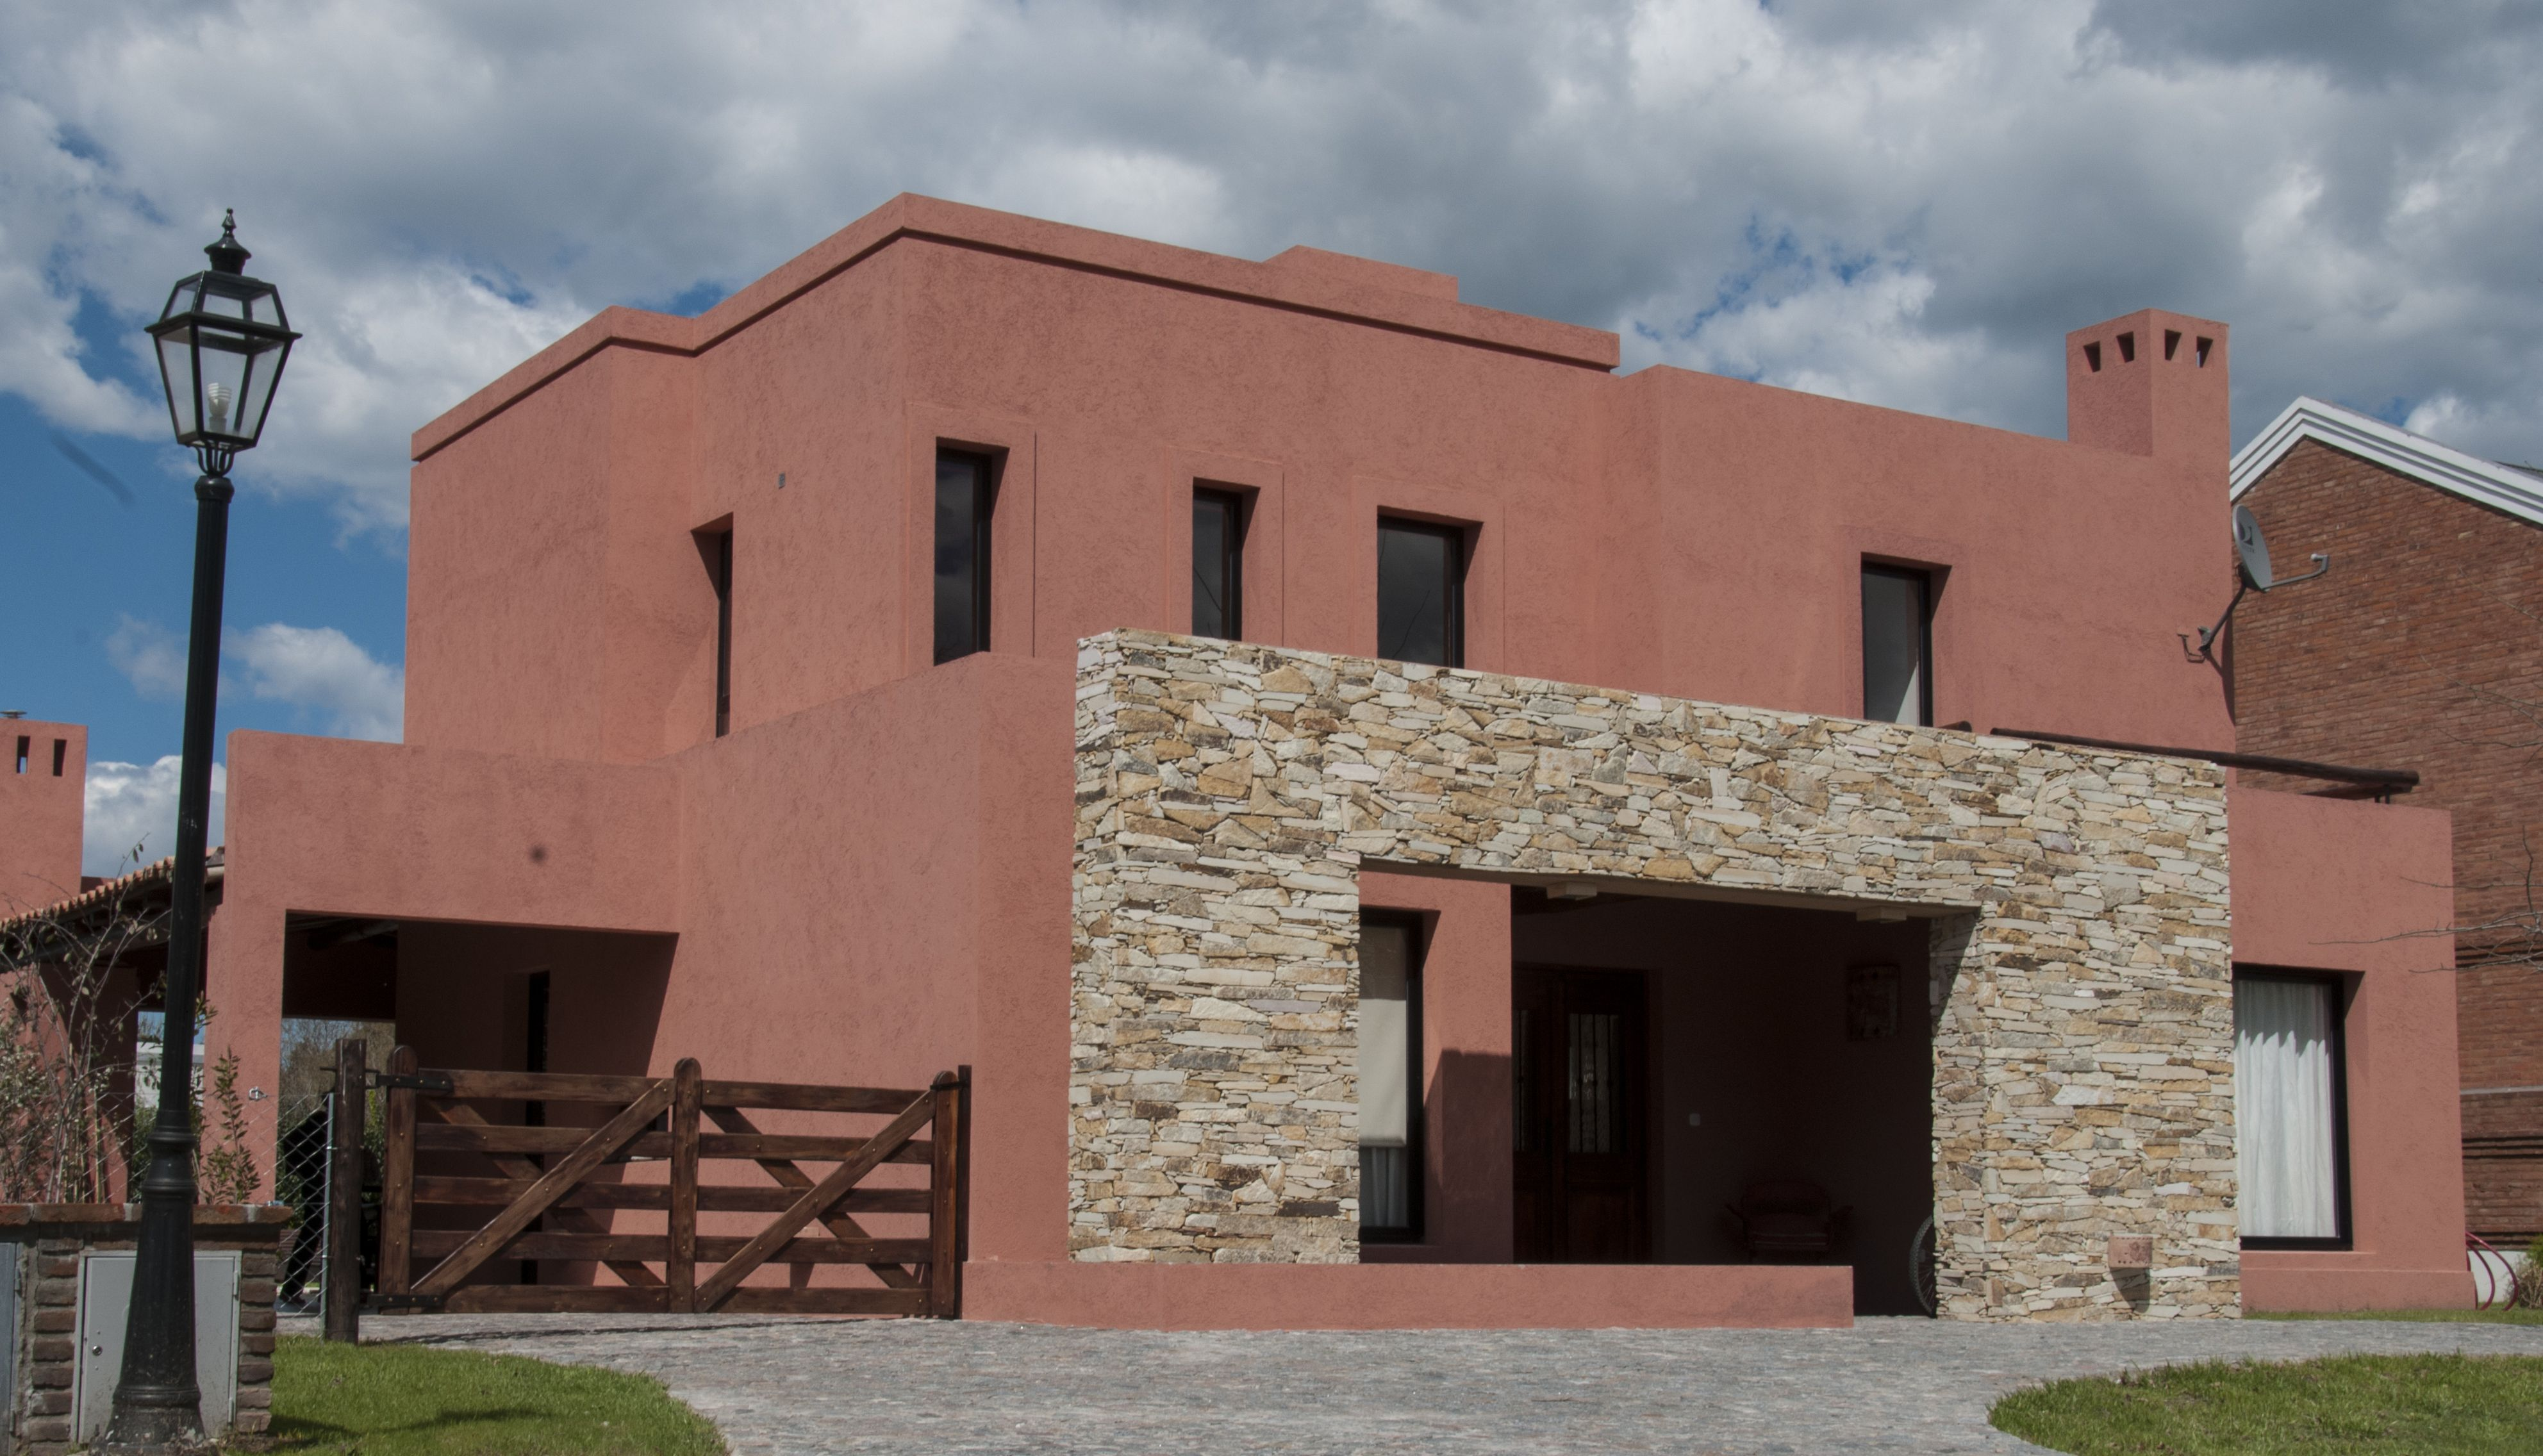 Casa Mex, Bº Sausalito, Pilar, Prov. de Bs. As.